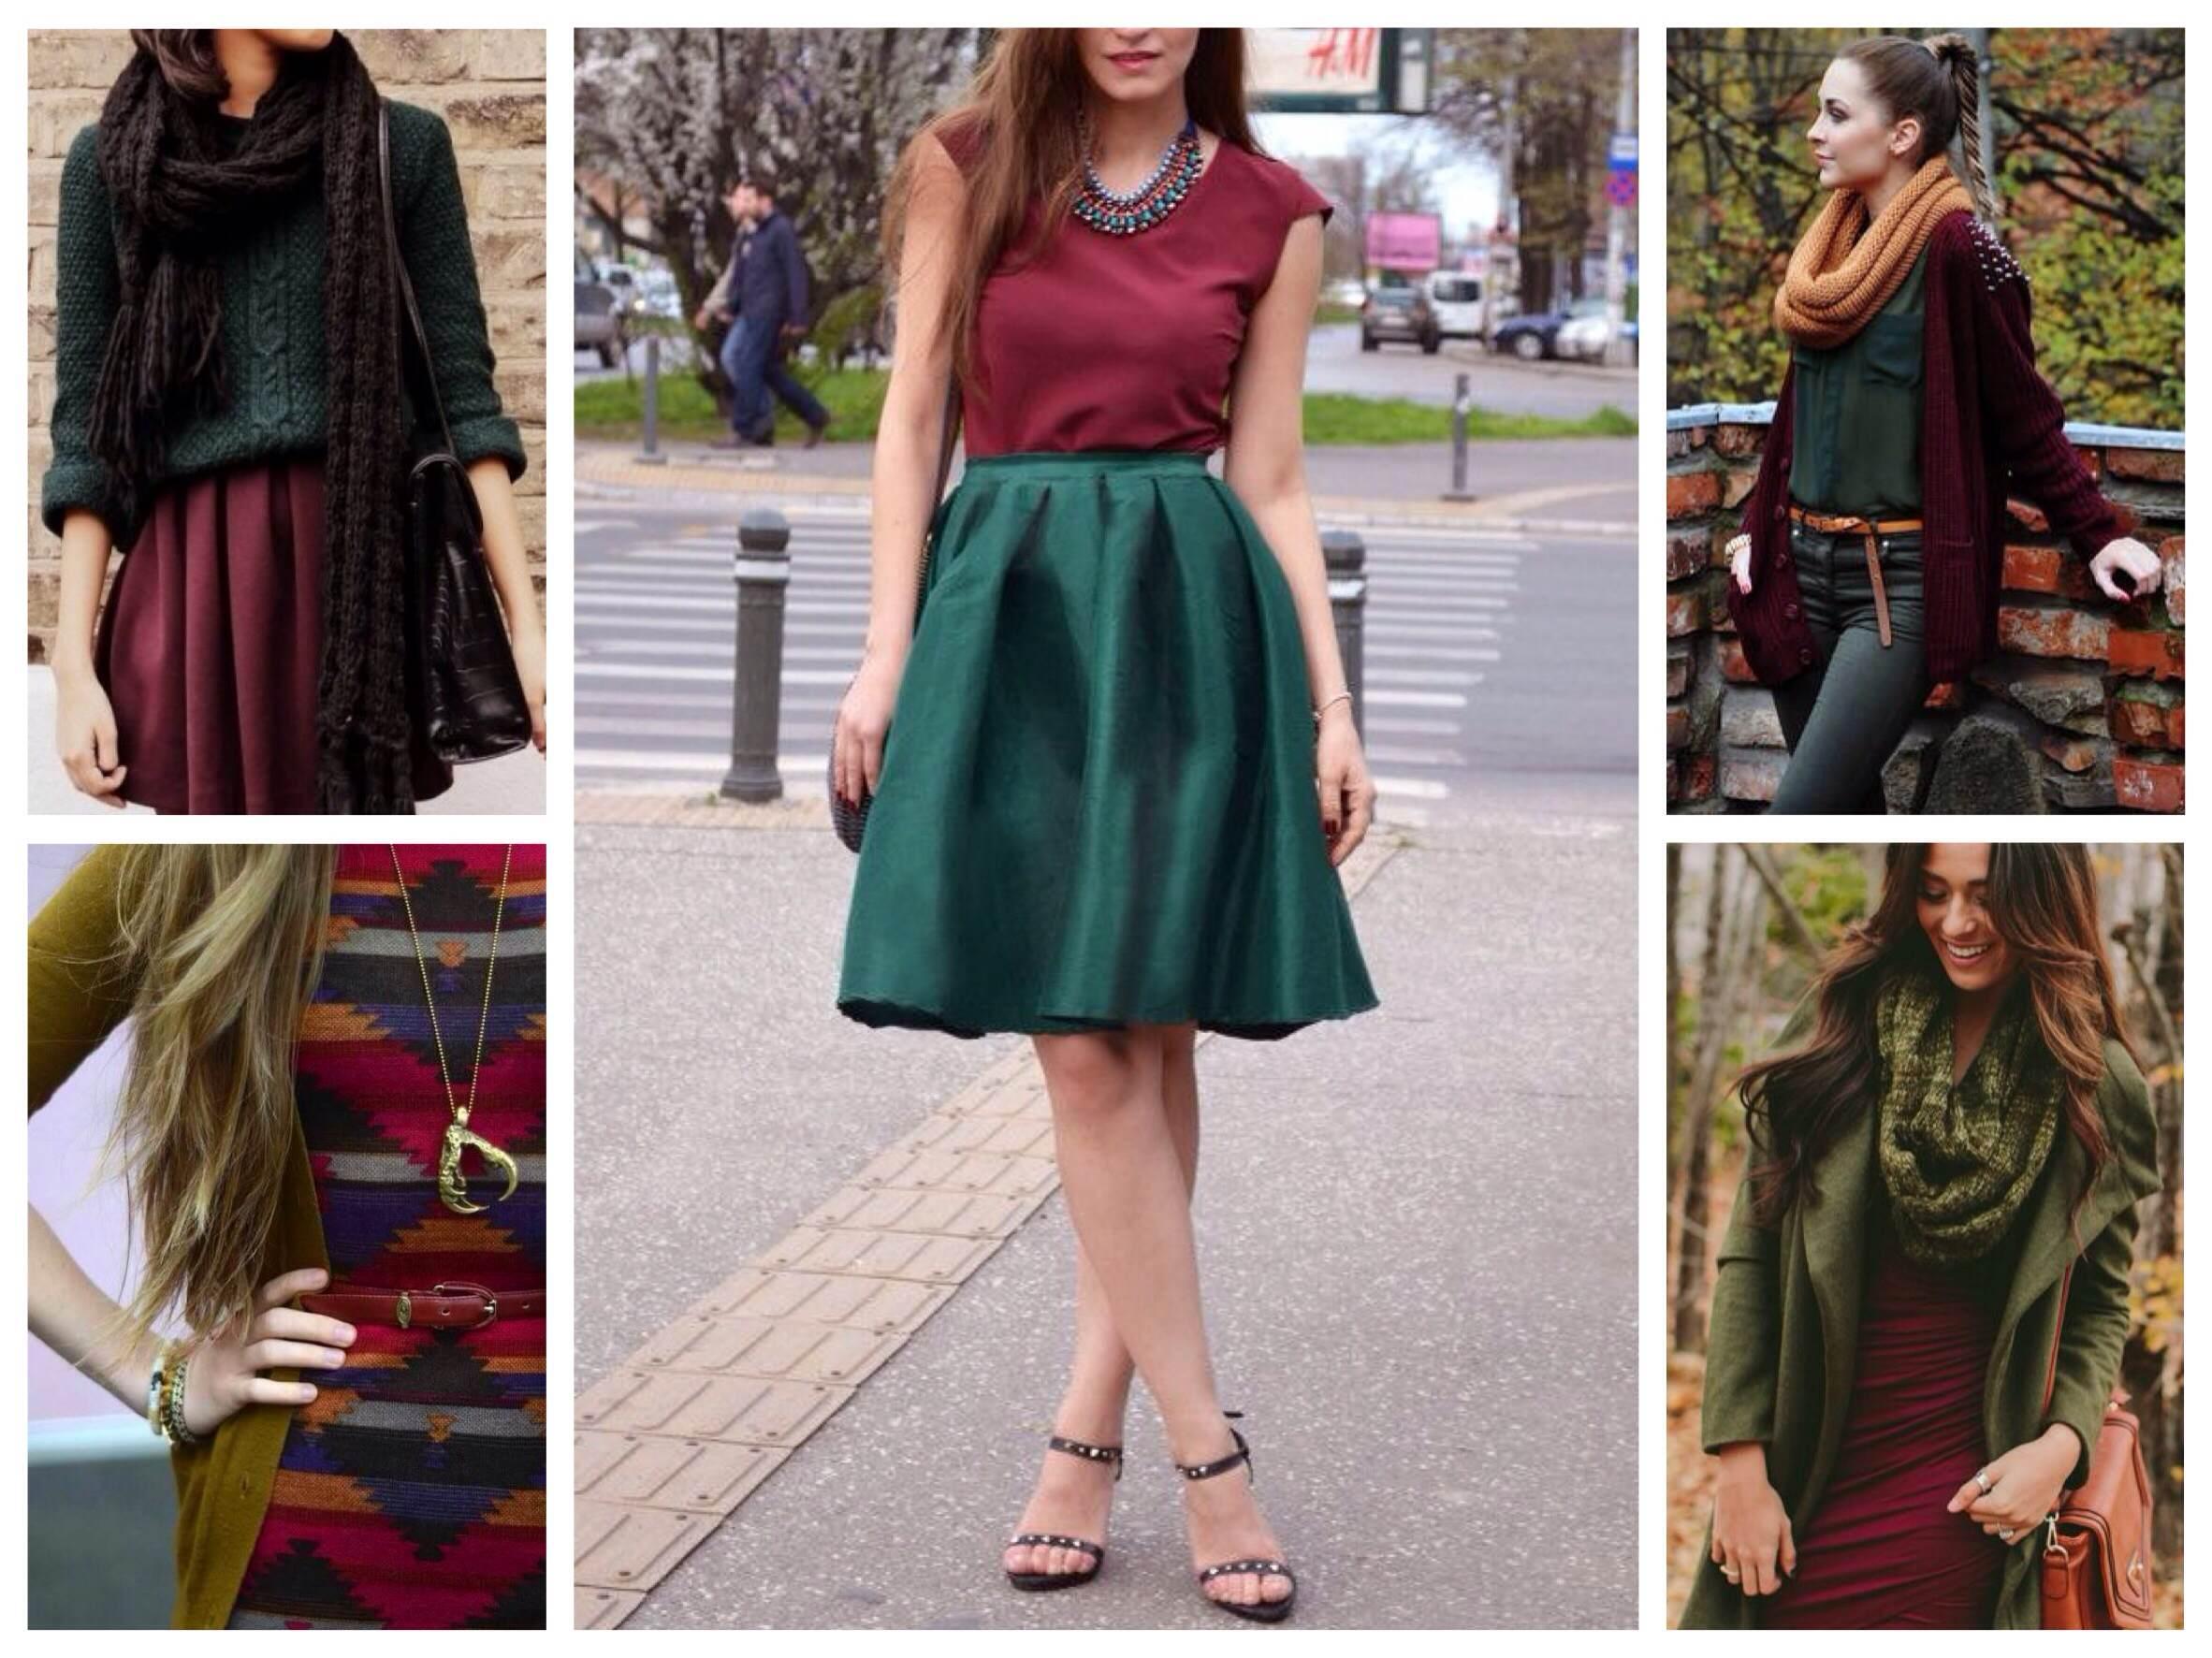 Варианты сочетания одежды цвета марсала и зеленого